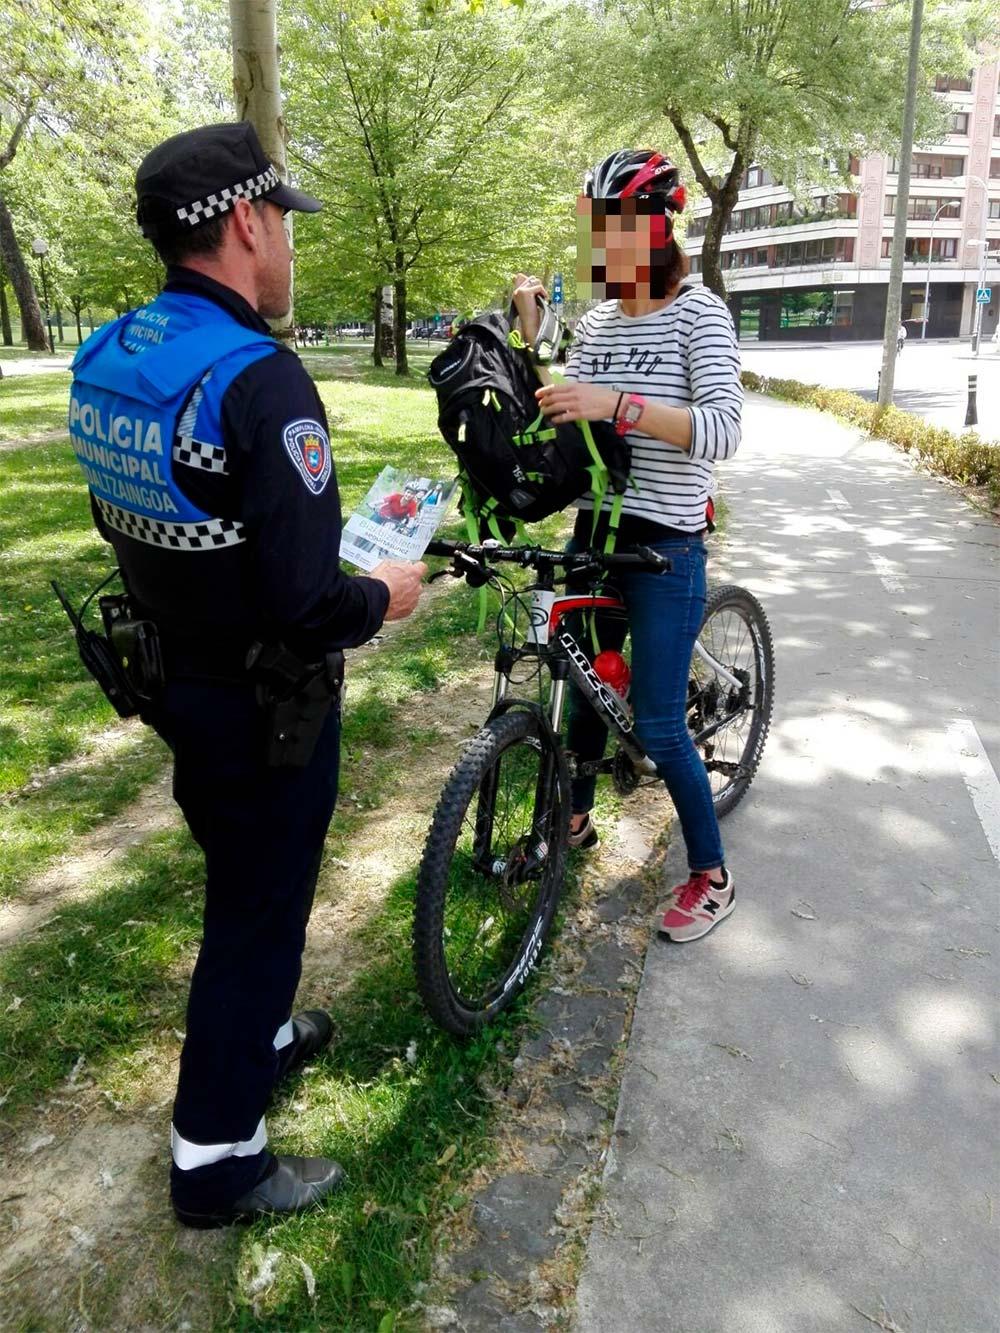 Una ciclista de Pamplona se cae de la bicicleta y le ponen una multa de 1.000 euros: triplicaba la tasa de alcohol permitida